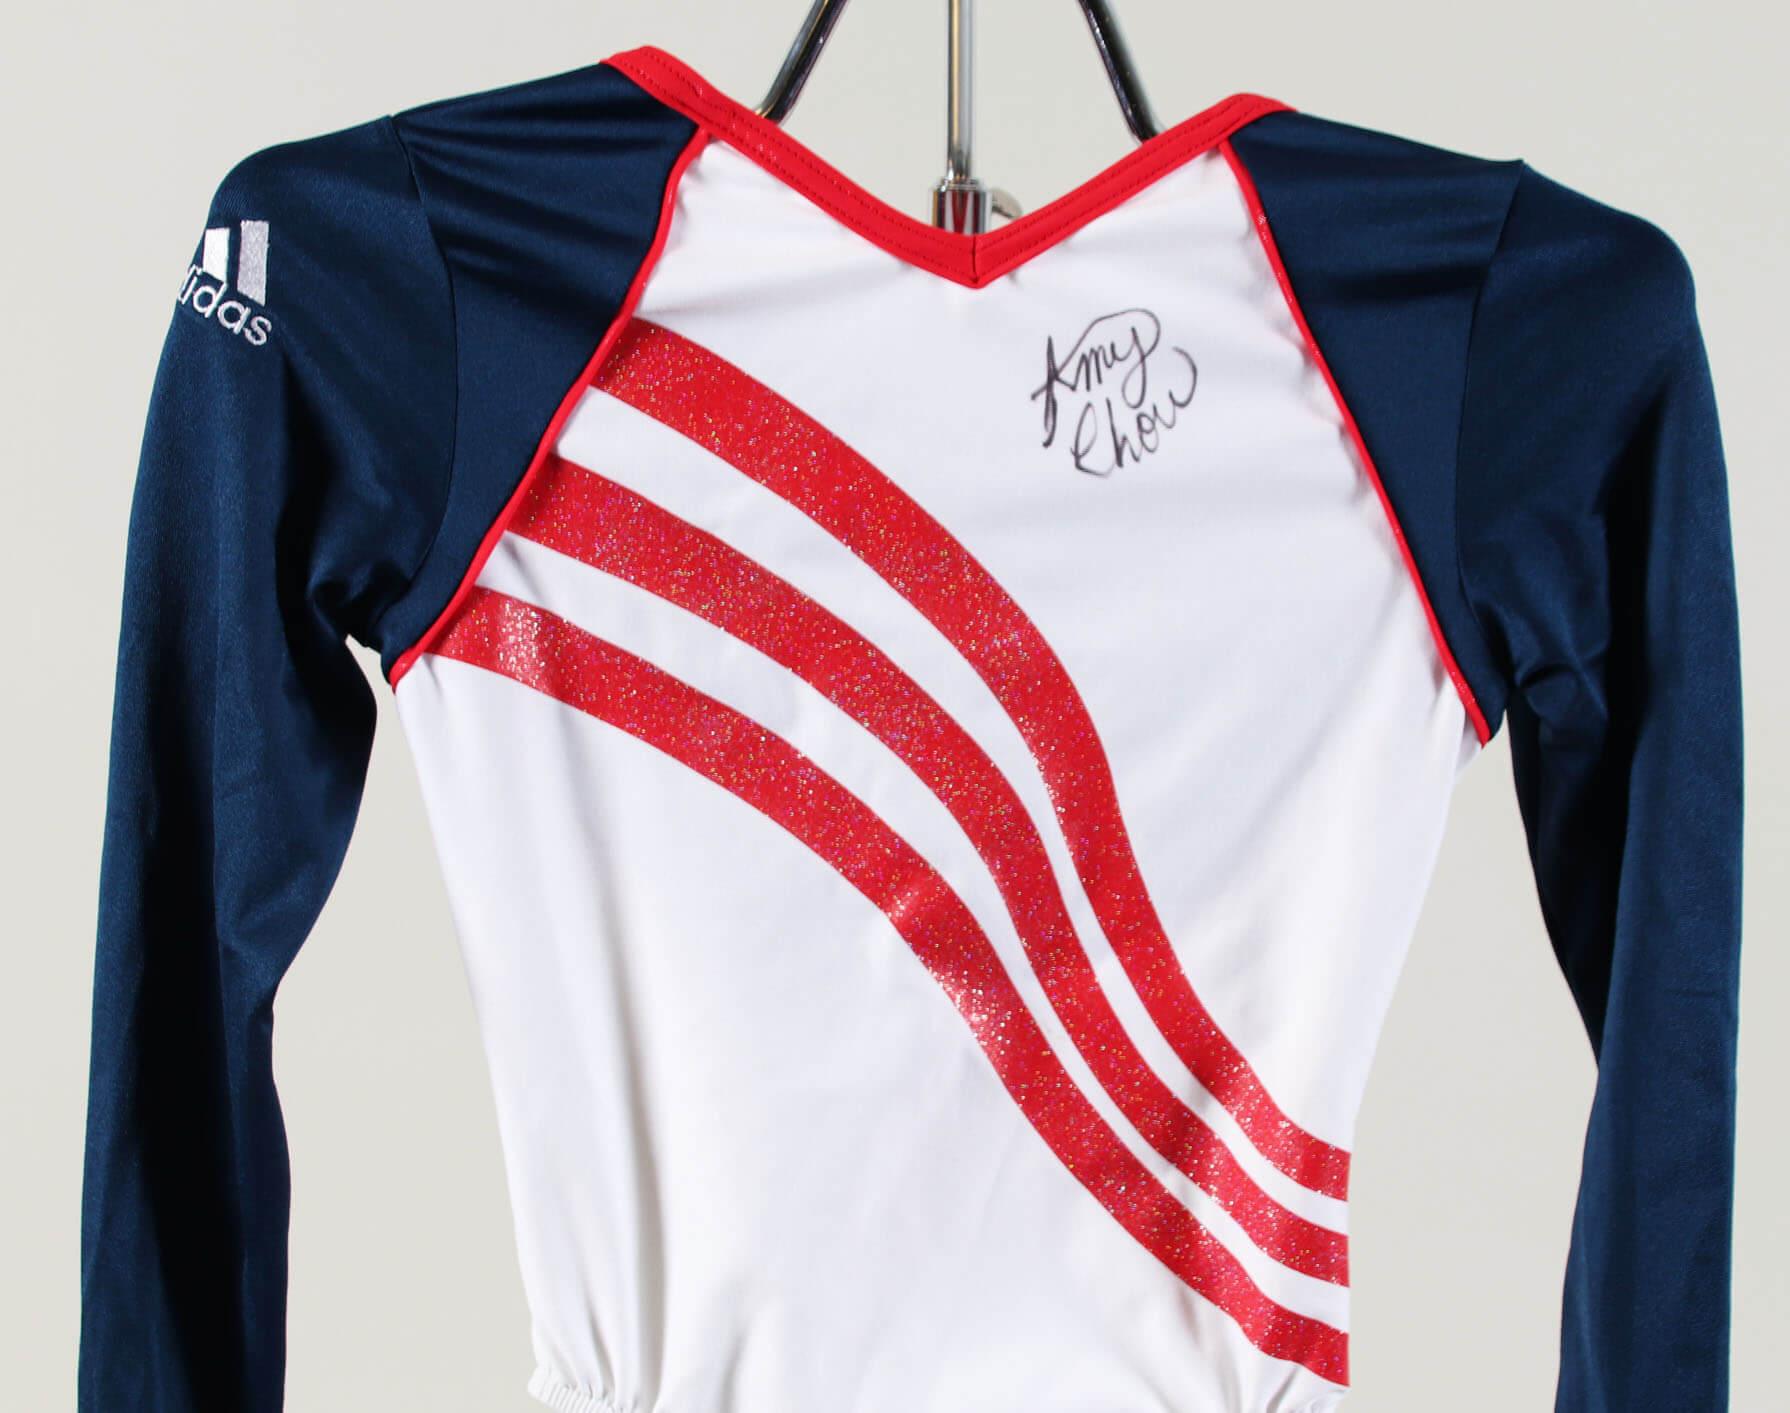 ed2b6edbcb8 Gymnast Amy Chow Worn, Signed Olympic Trials Leotard Outfit